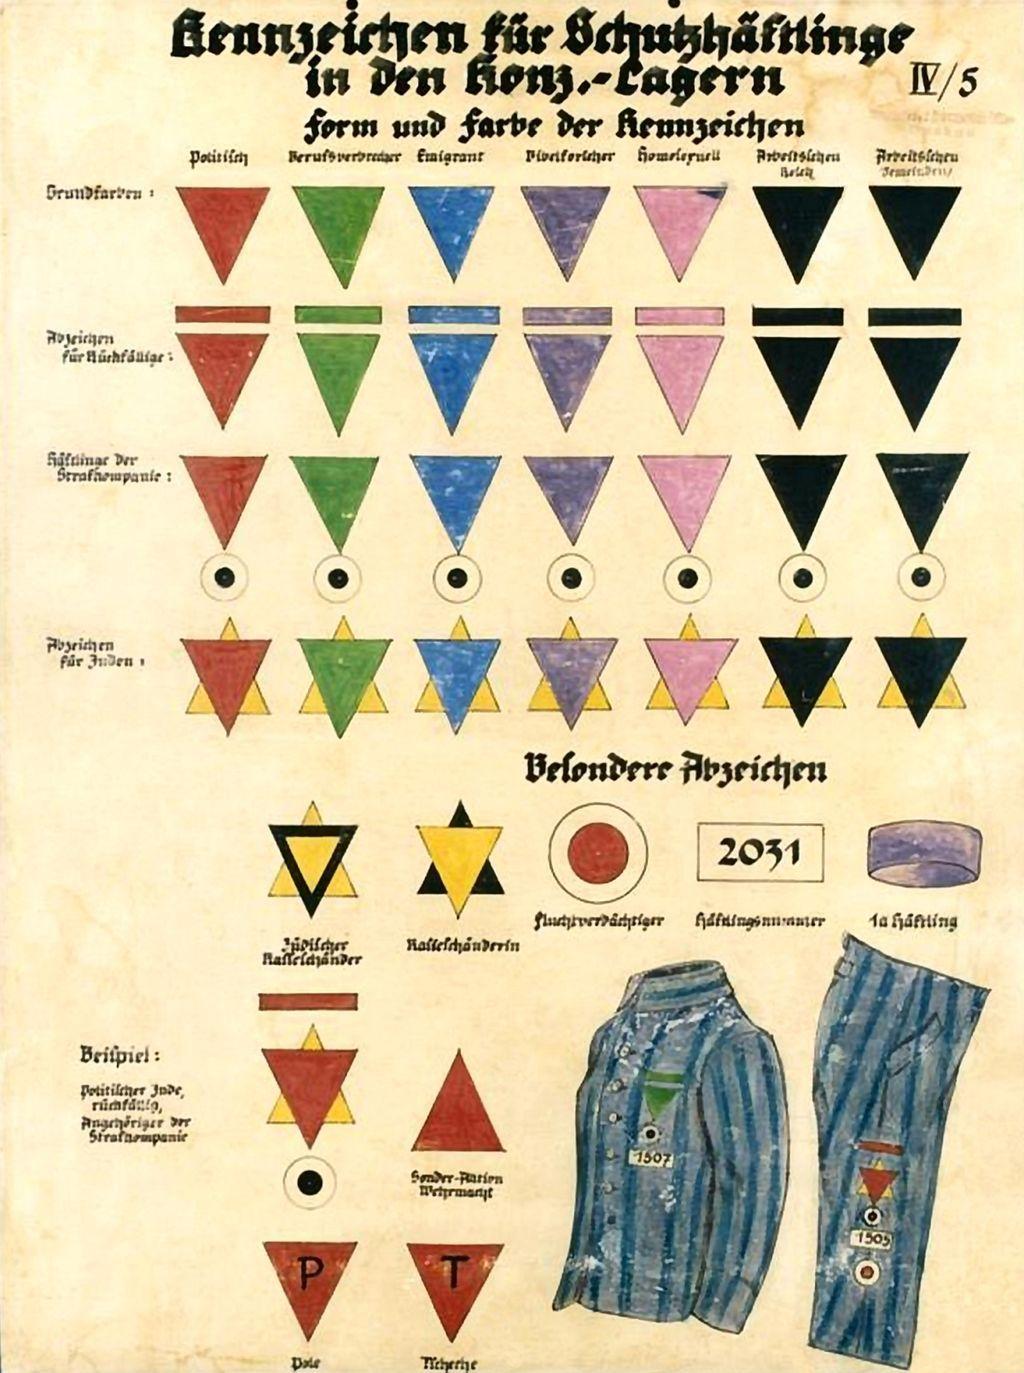 Oznaczenia obozowe. Różowym trójkątem znakowano homoseksualistów.